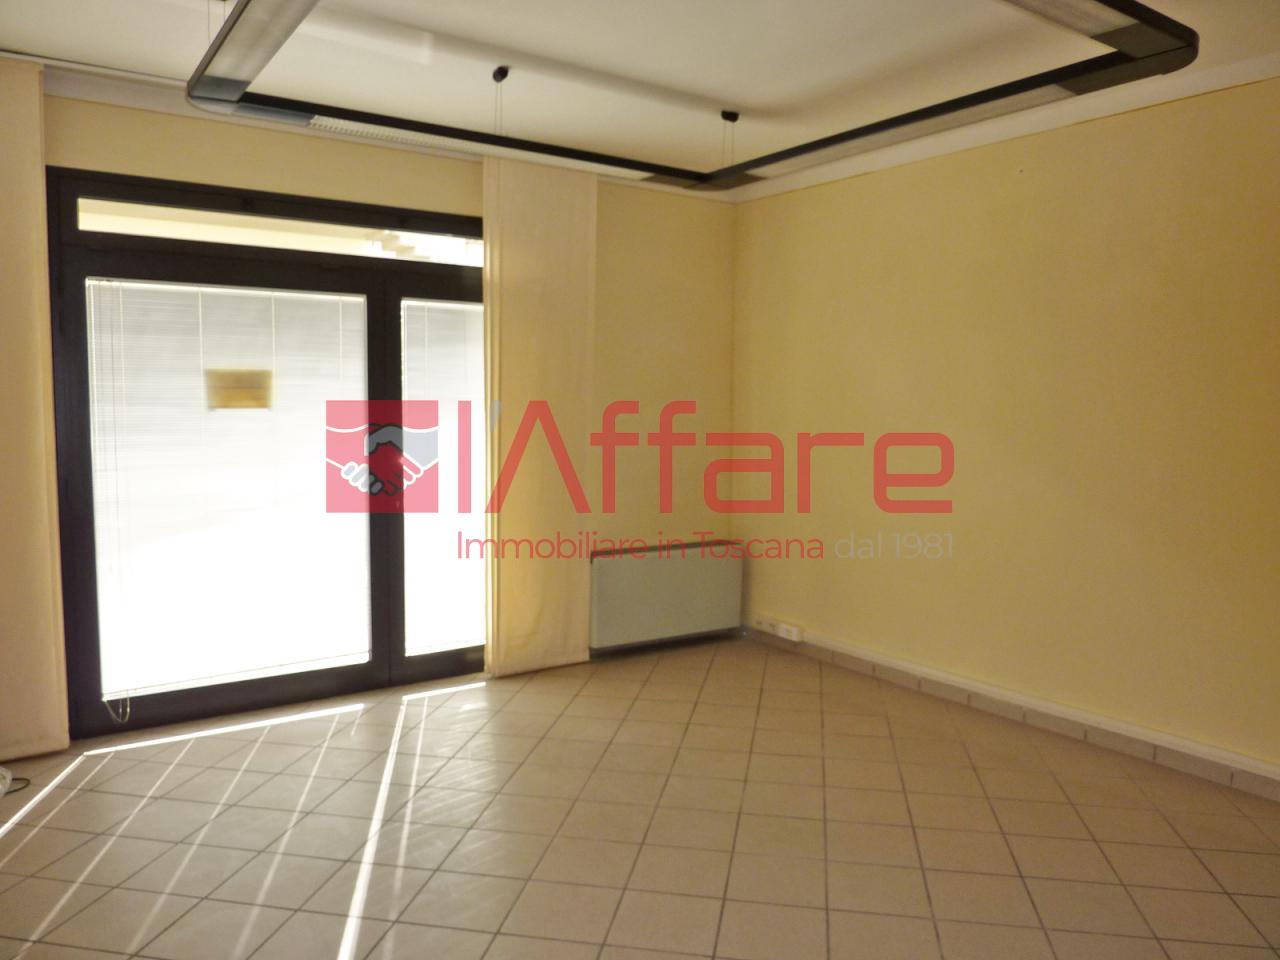 Ufficio in affitto - Montecatini-Terme